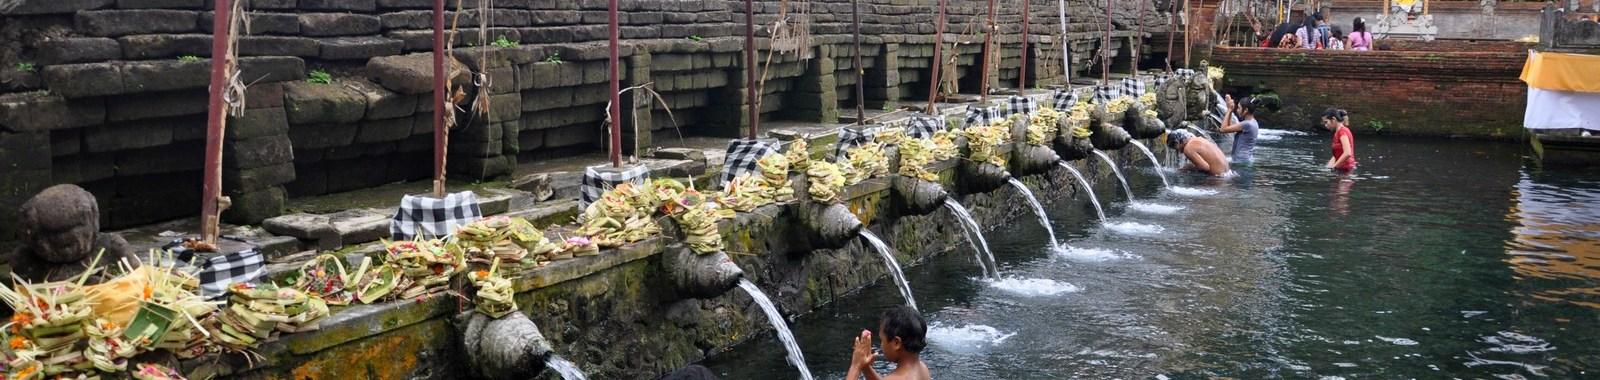 Tirta Empul, il tempio delle sorgenti sacre di Bali